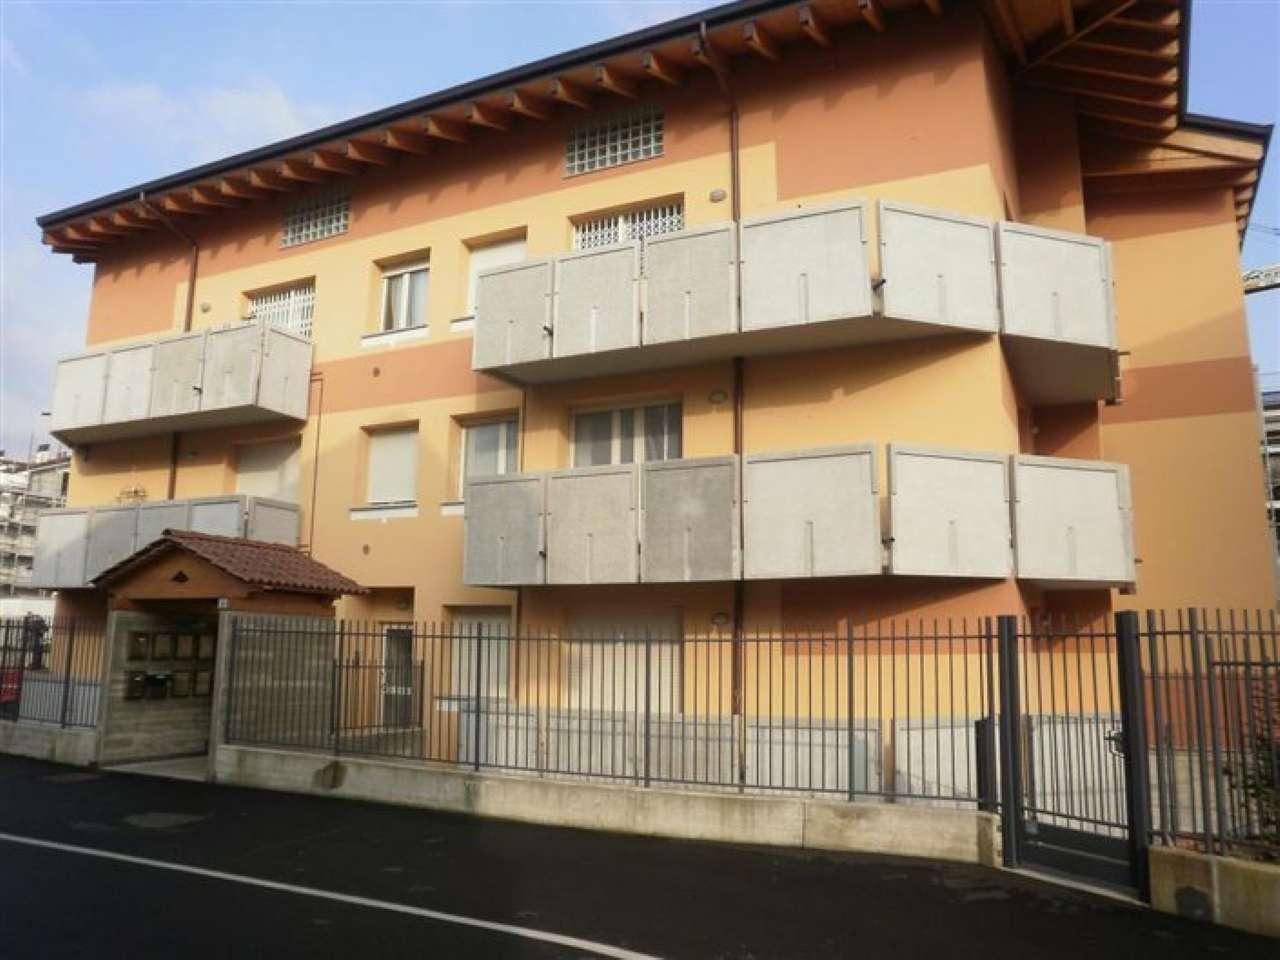 Appartamento in affitto a Cernusco sul Naviglio, 2 locali, prezzo € 700   PortaleAgenzieImmobiliari.it